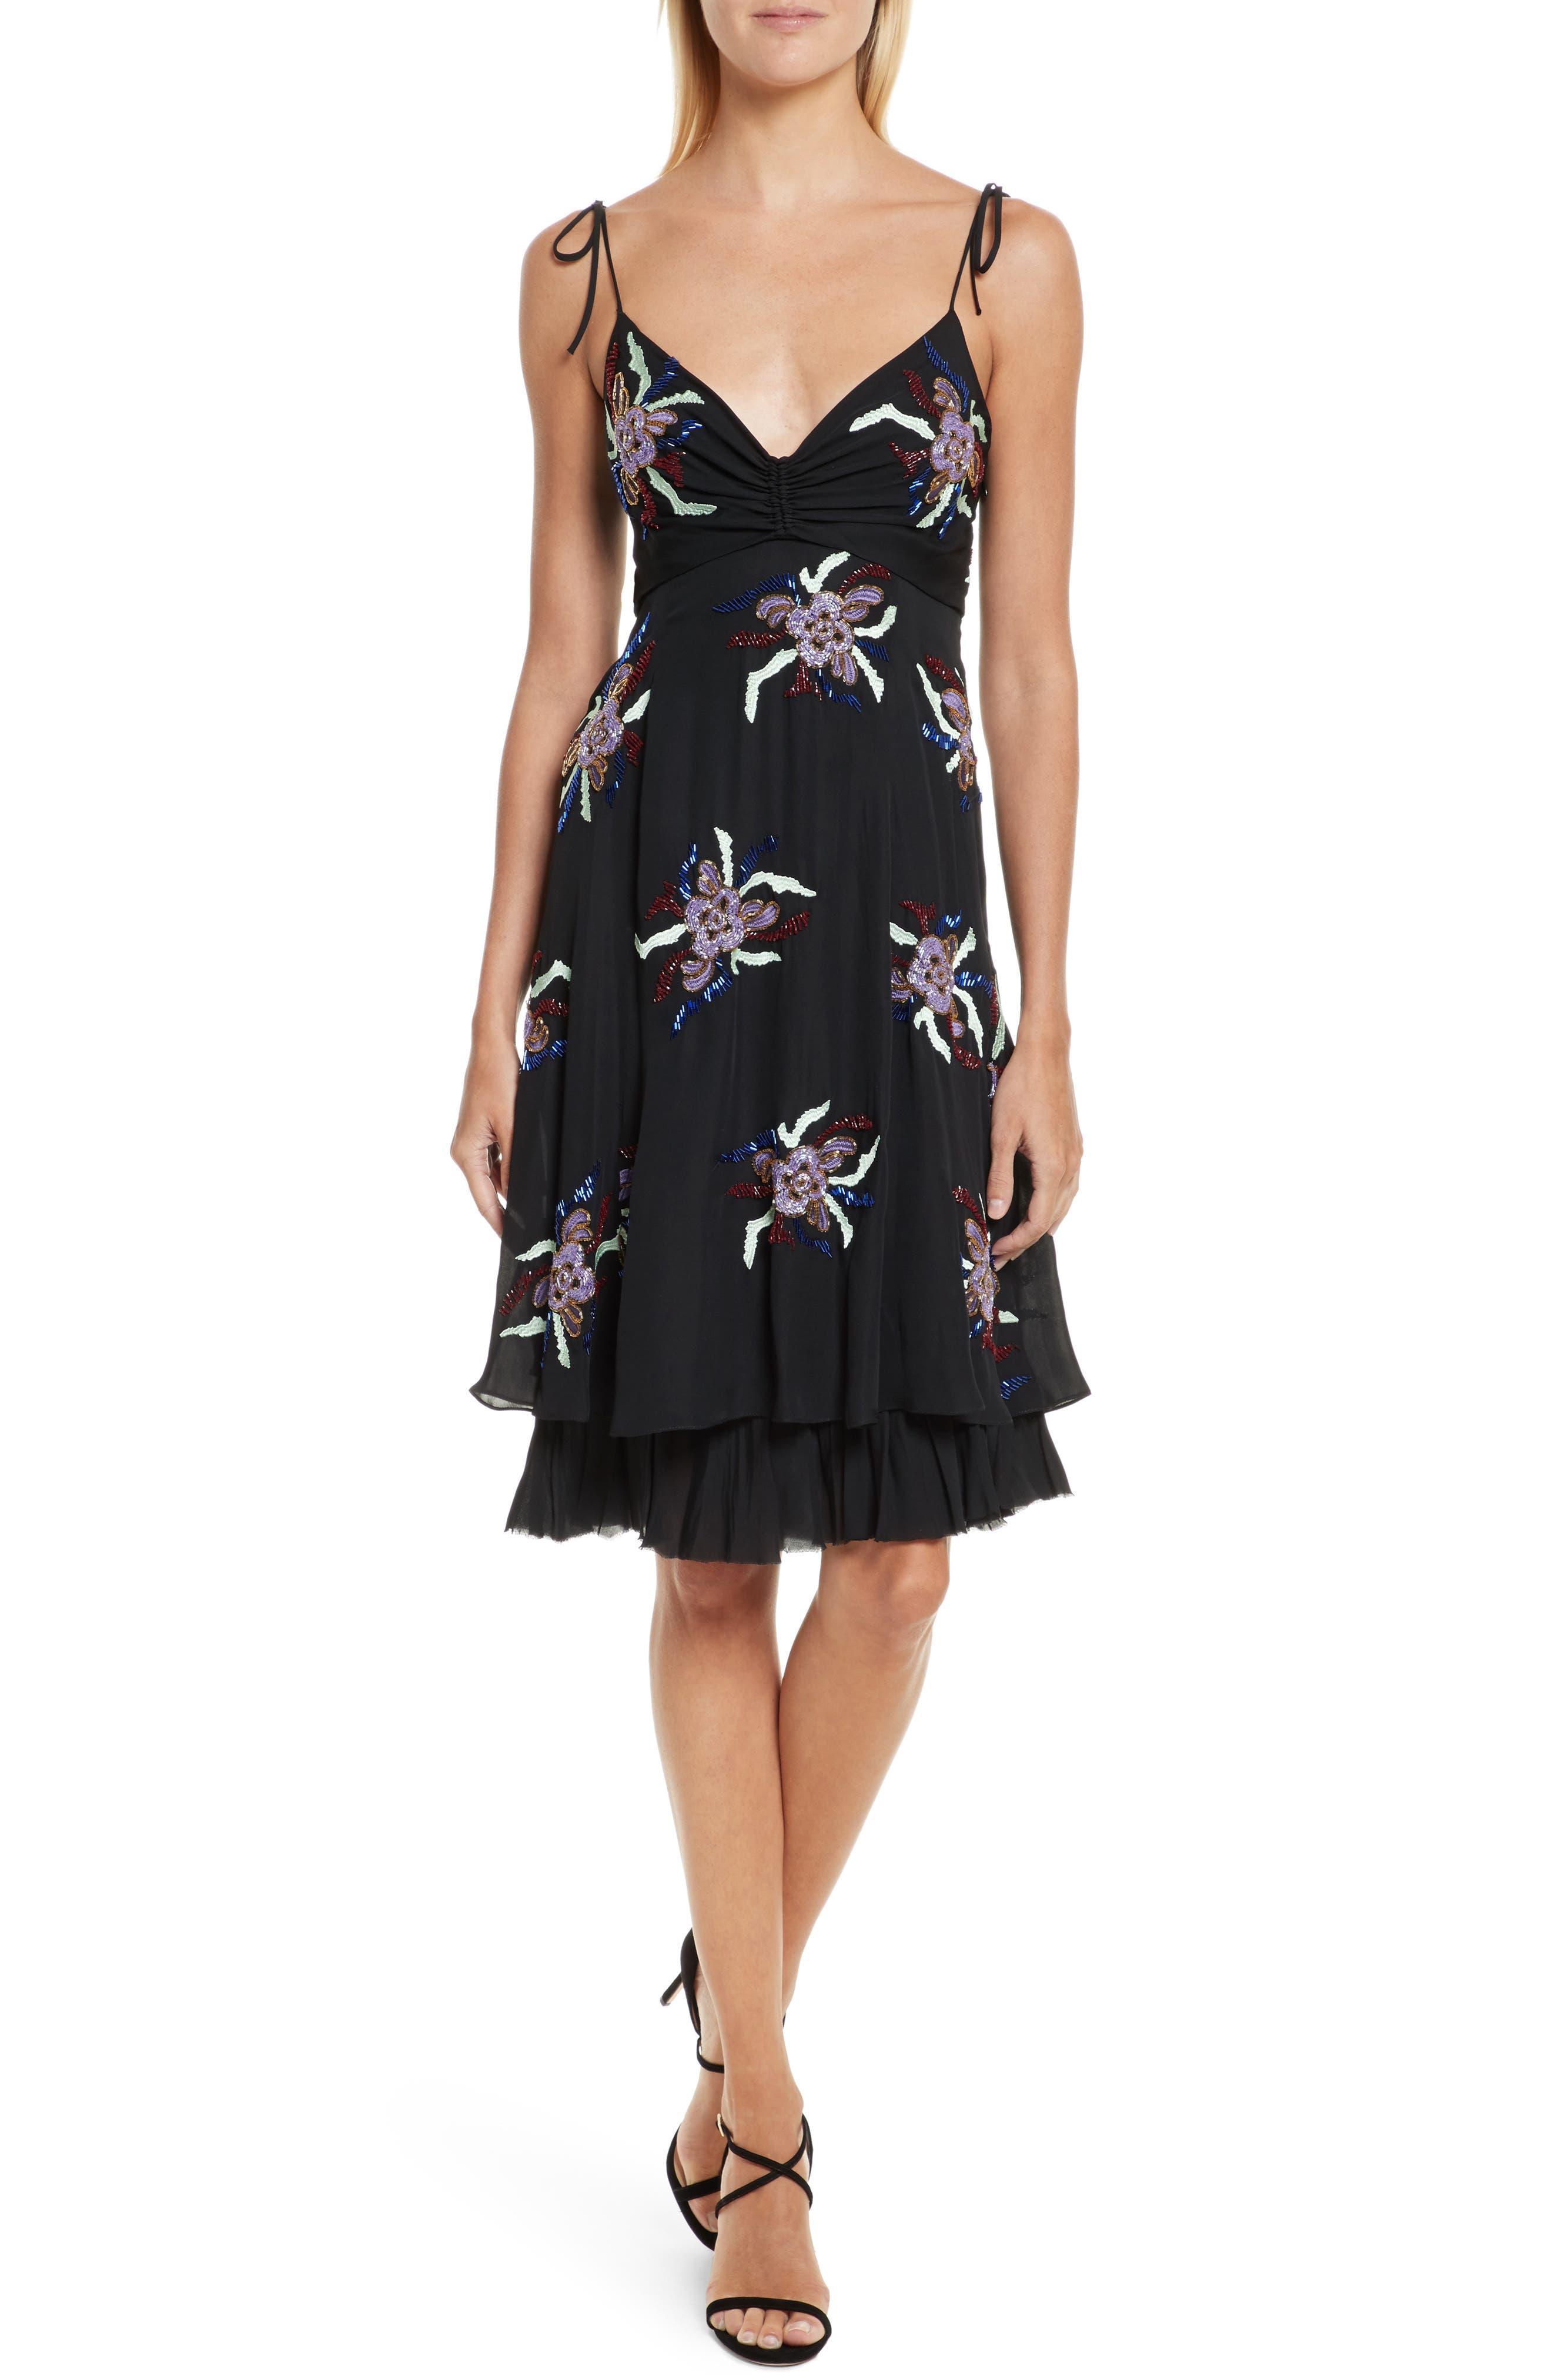 Porsca Embellished Silk Dress,                         Main,                         color, 008